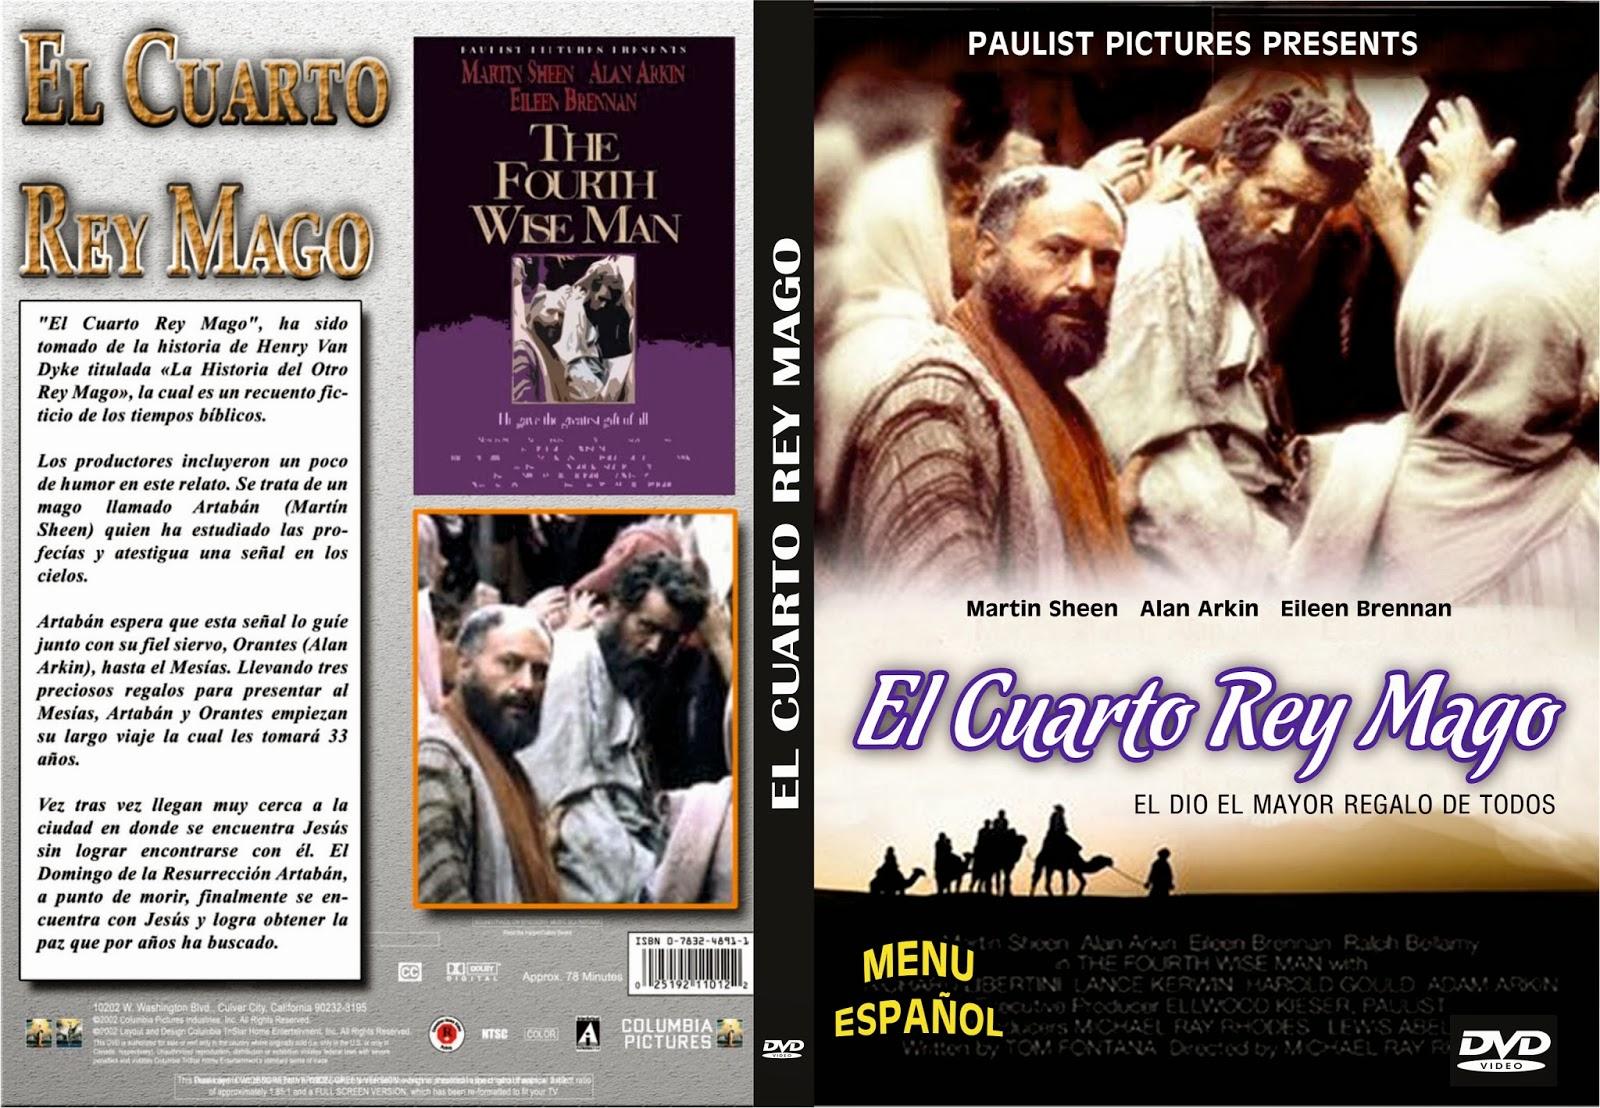 Stunning Nombre Del Cuarto Rey Mago Ideas - Casas: Ideas & diseños ...